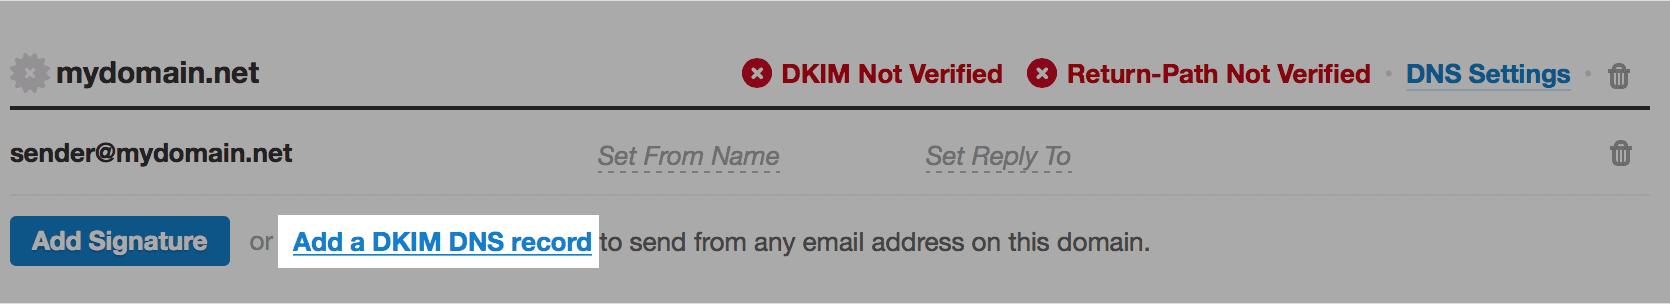 Add a DKIM DNS record